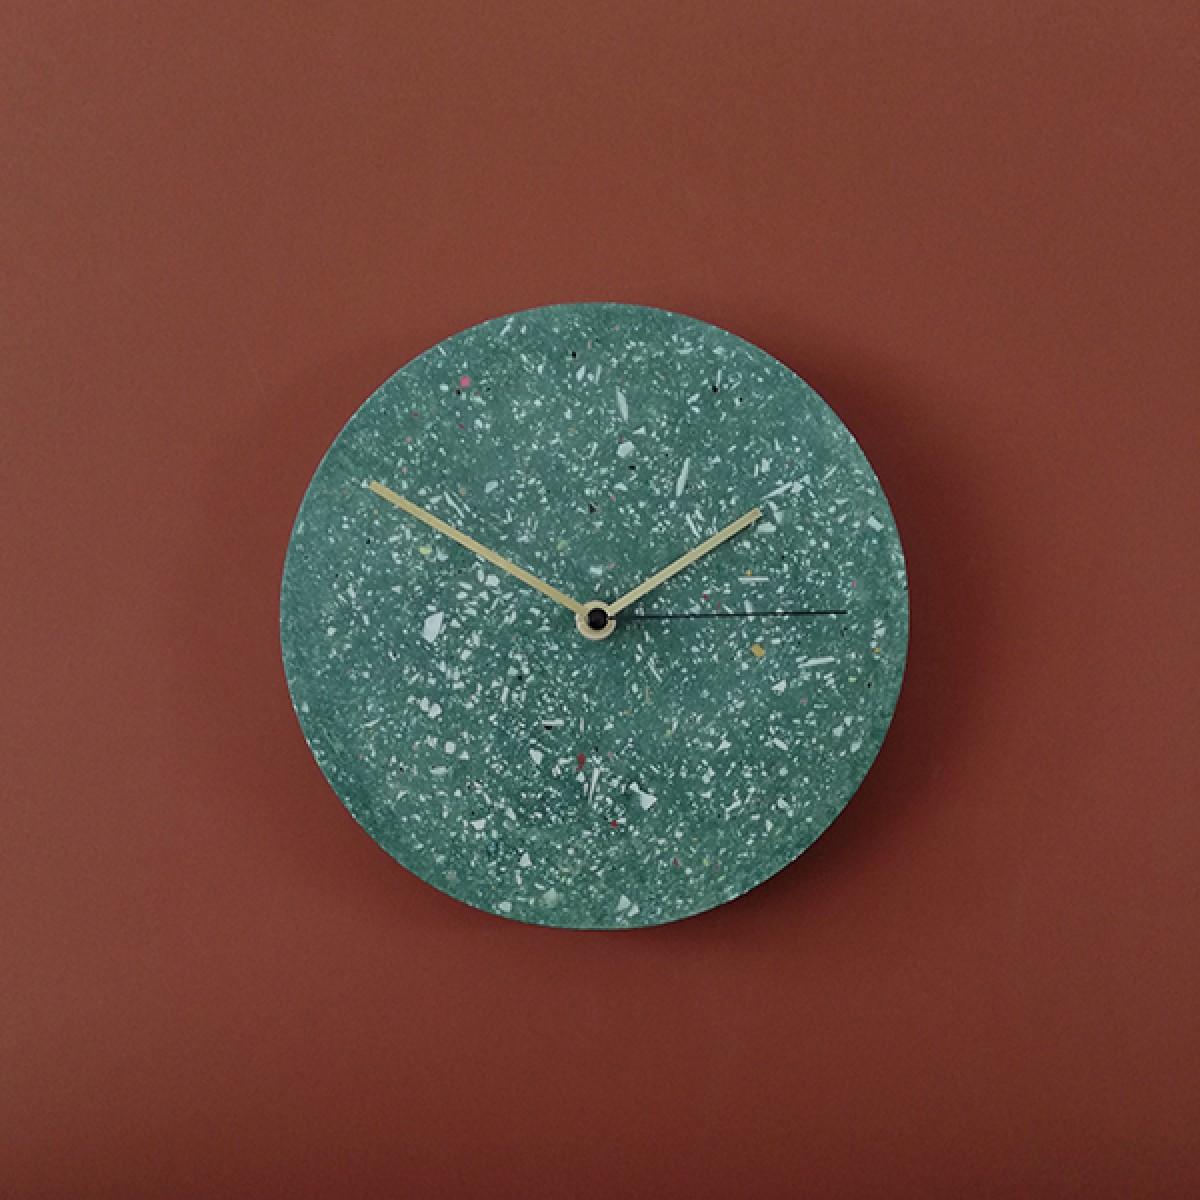 Terrazzo Wanduhr mit Uhrzeiger aus Messing, grün – VLO design